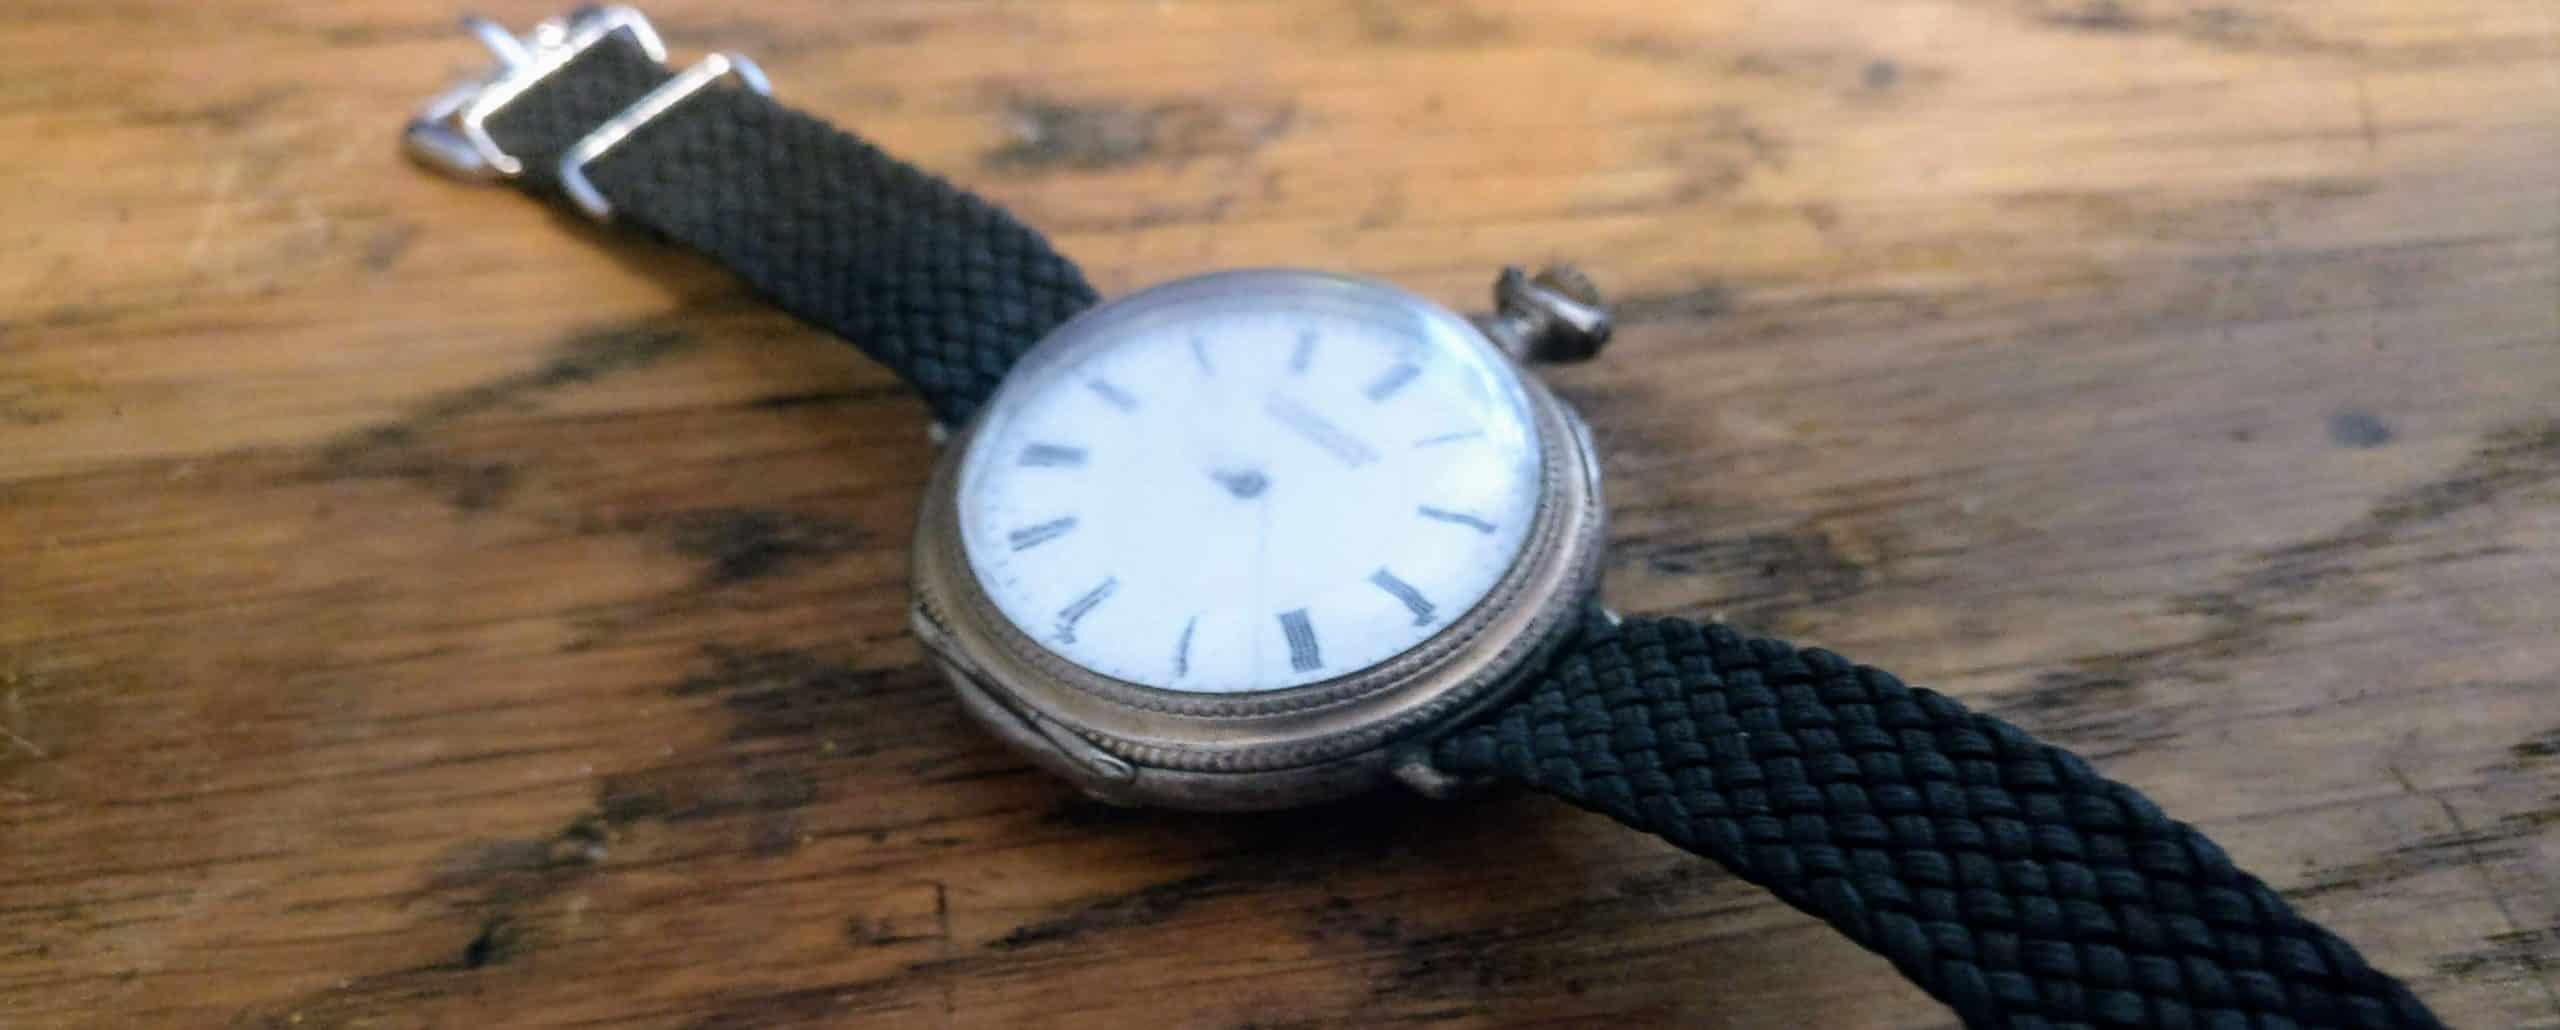 Fra klokketårn til armbåndsur